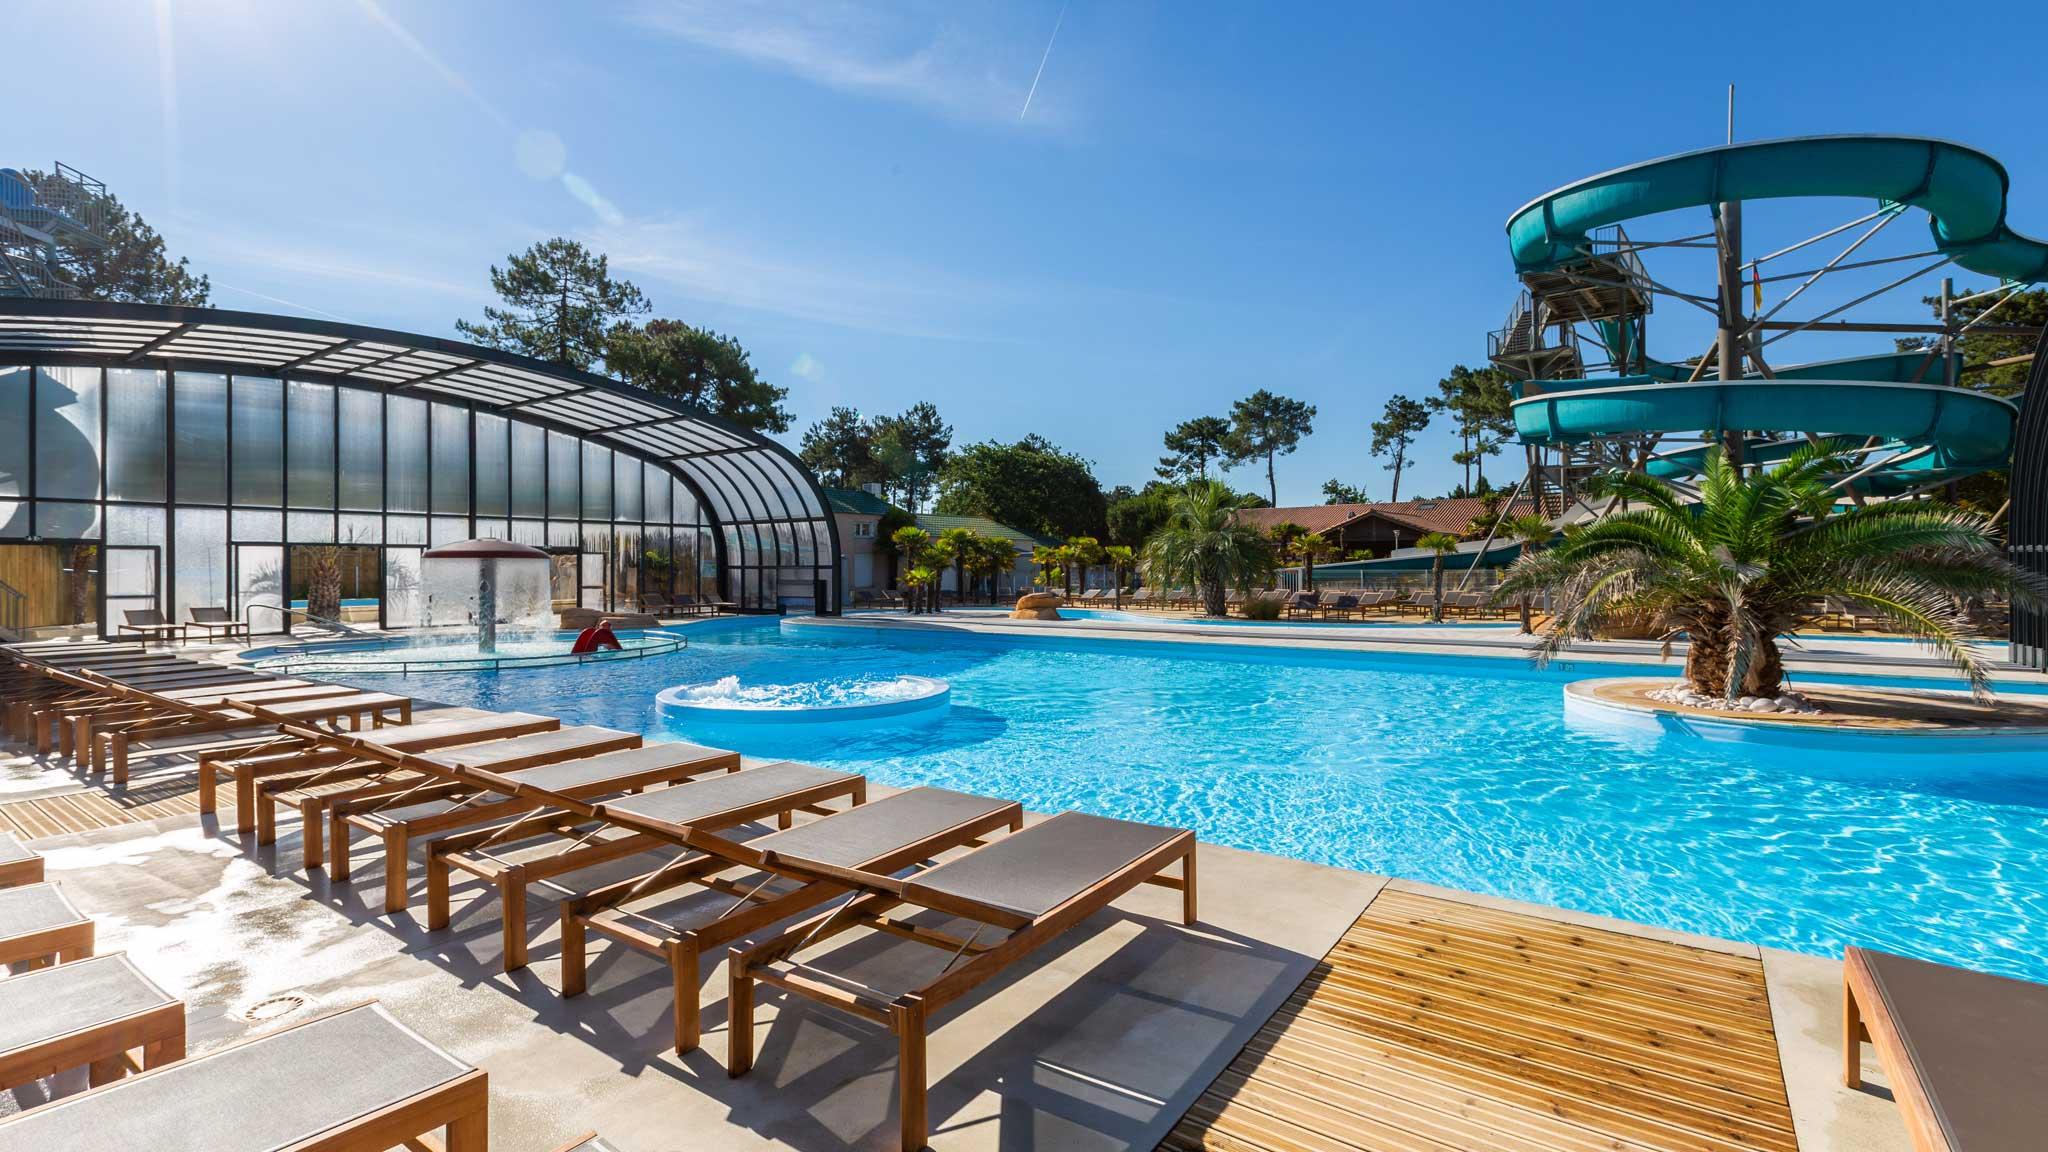 Vos Vacances En Camping Par Aloa : Séjour En Campings 3 À 5 ... serapportantà Camping Noirmoutier Avec Piscine